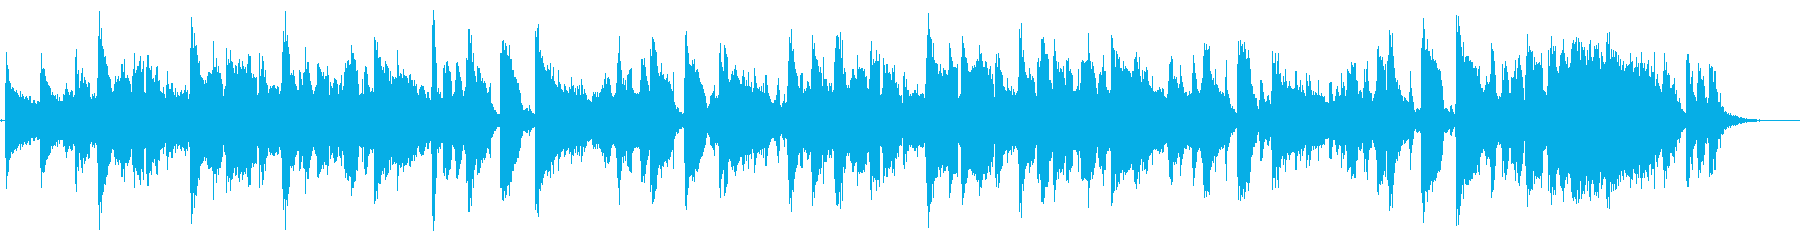 ブルーベリーをテーマにした楽曲の再生済みの波形